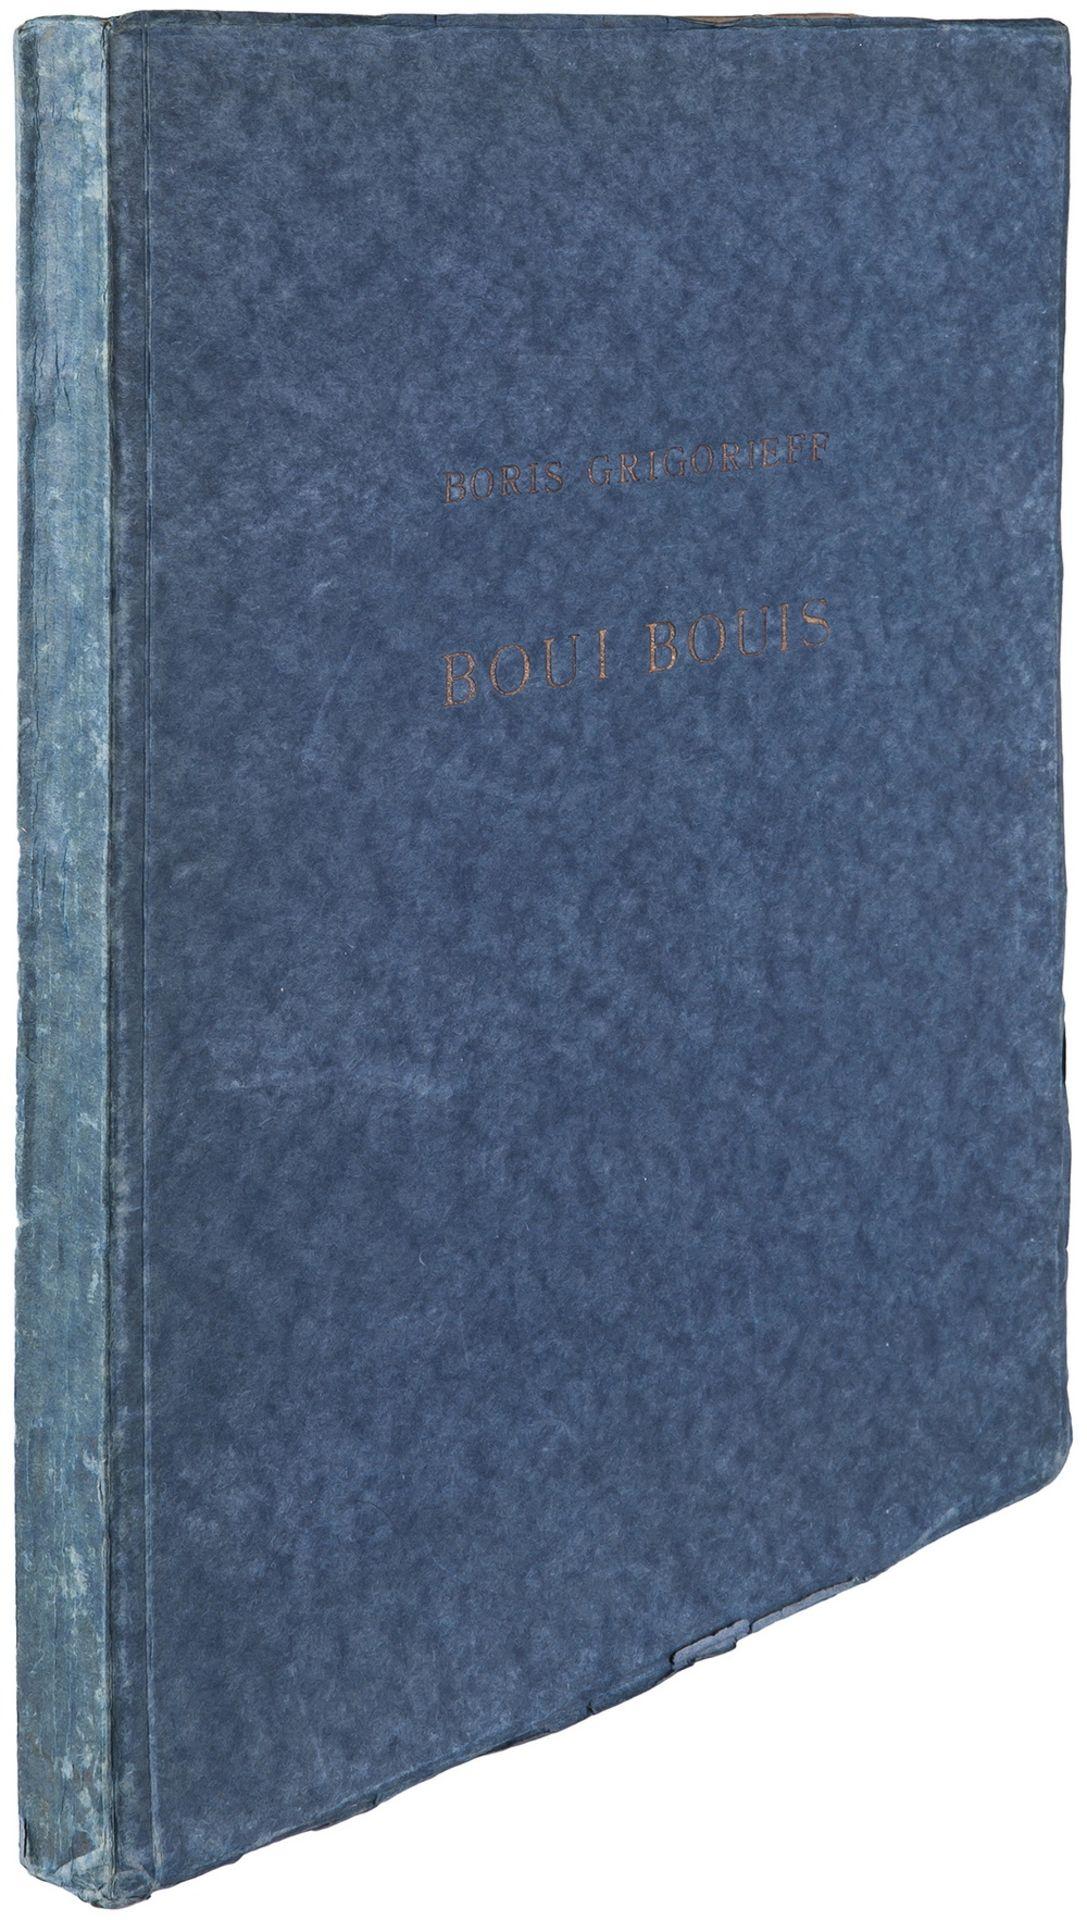 Grigorieff, B. Boui Bouis / Boris Grigorieff; text von Claude Farrere, S. Makowsky und B. Schloezer.